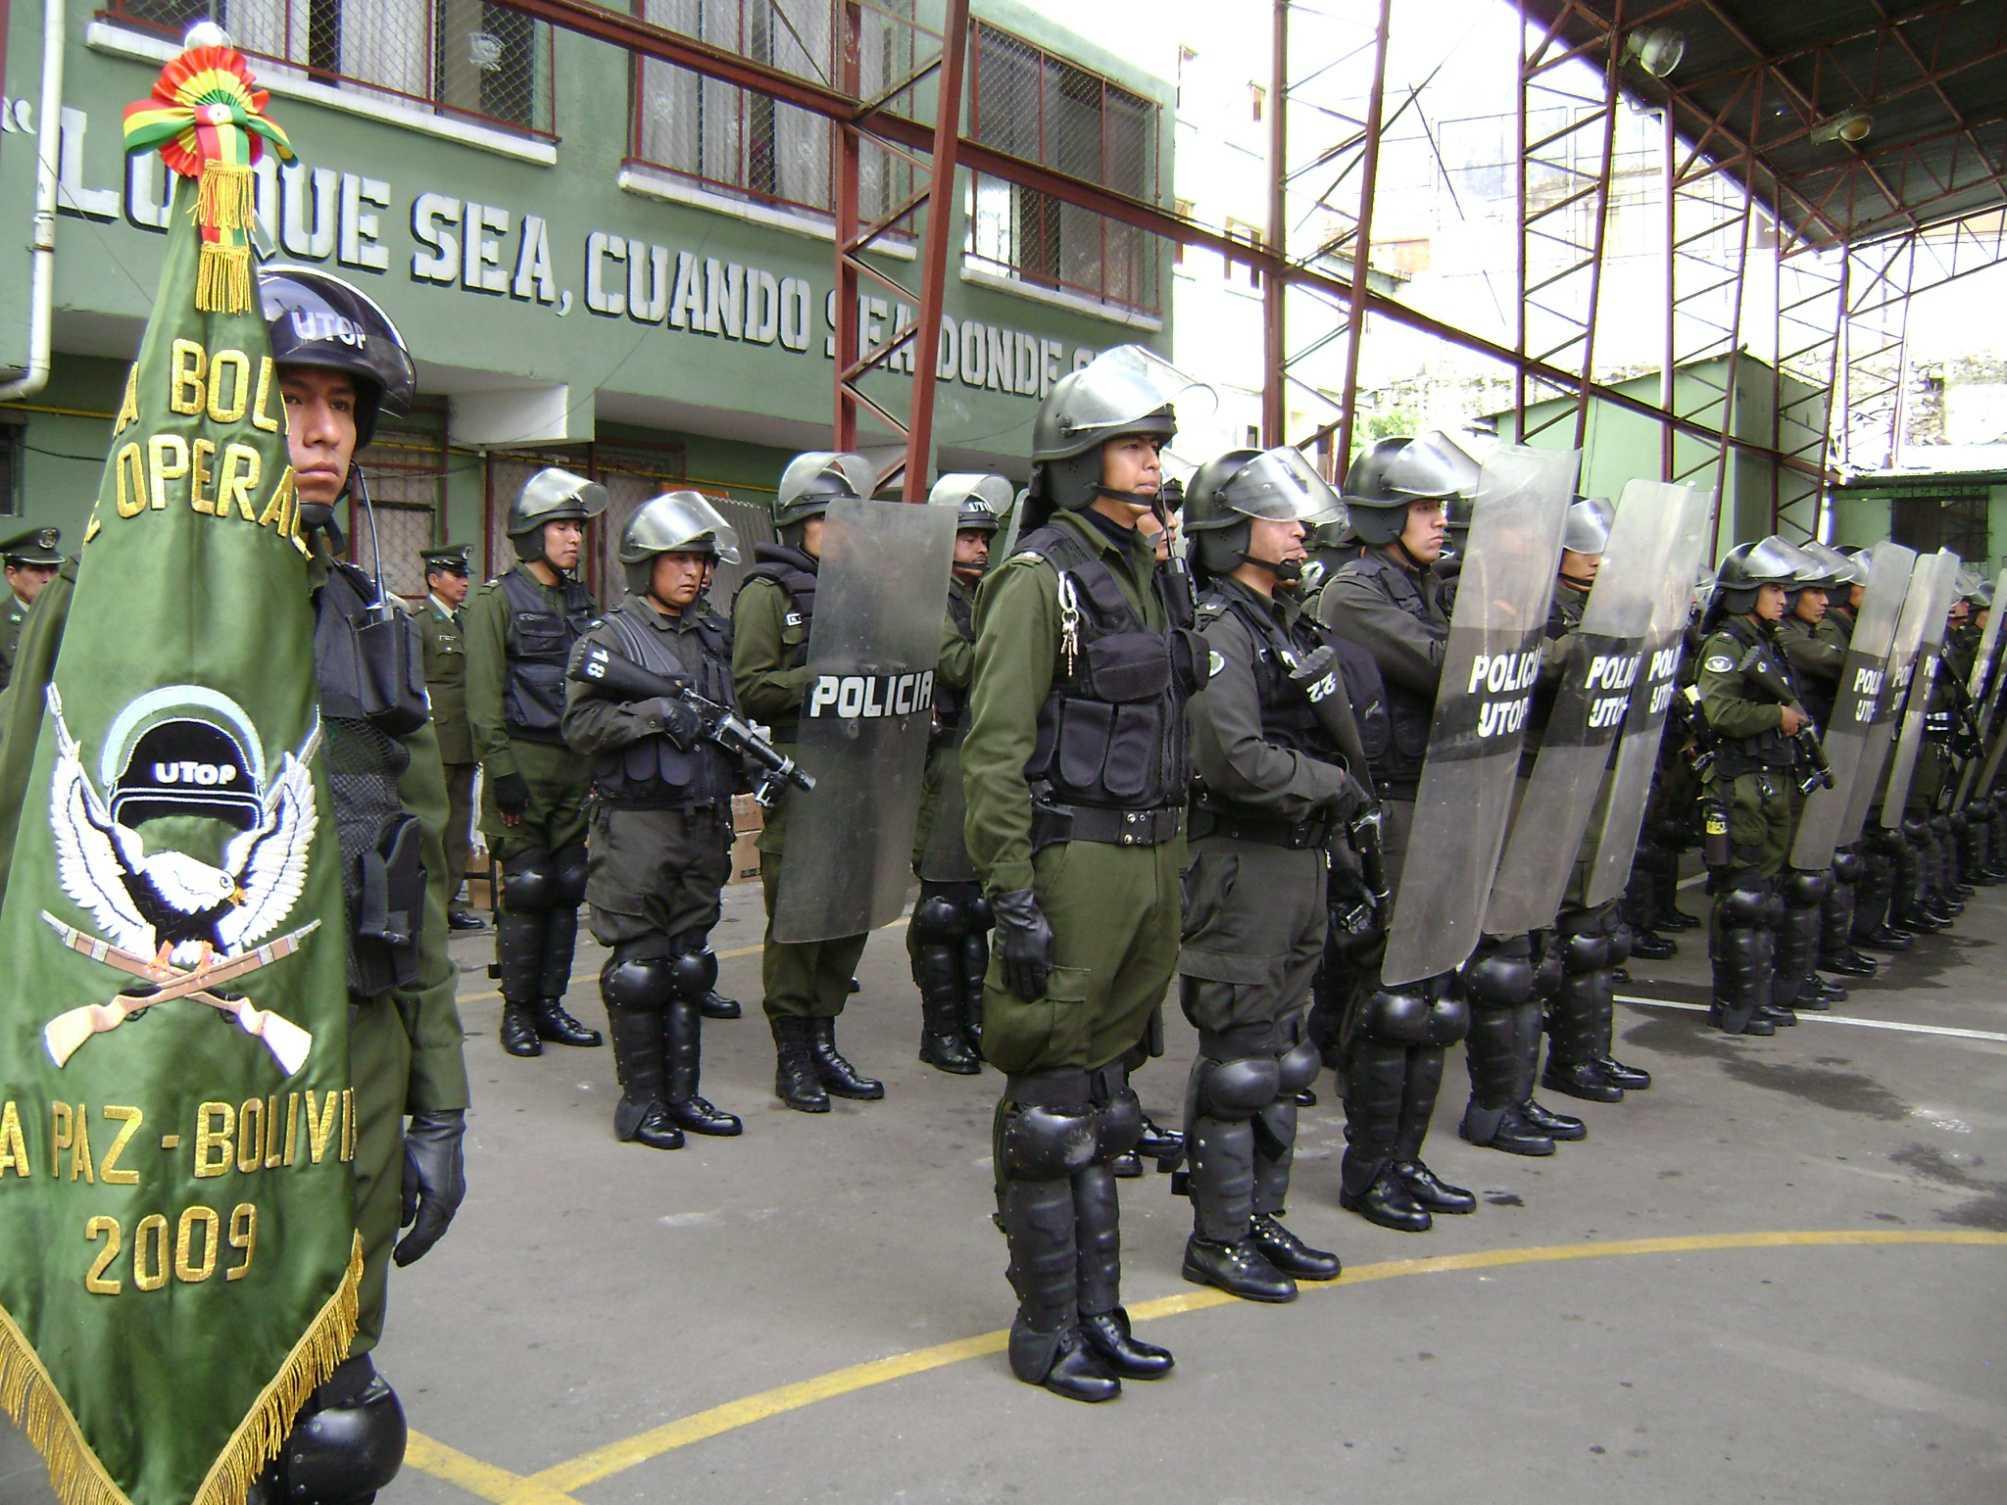 La polic a aprehende a personas en el pa s el for Ministerio policia nacional